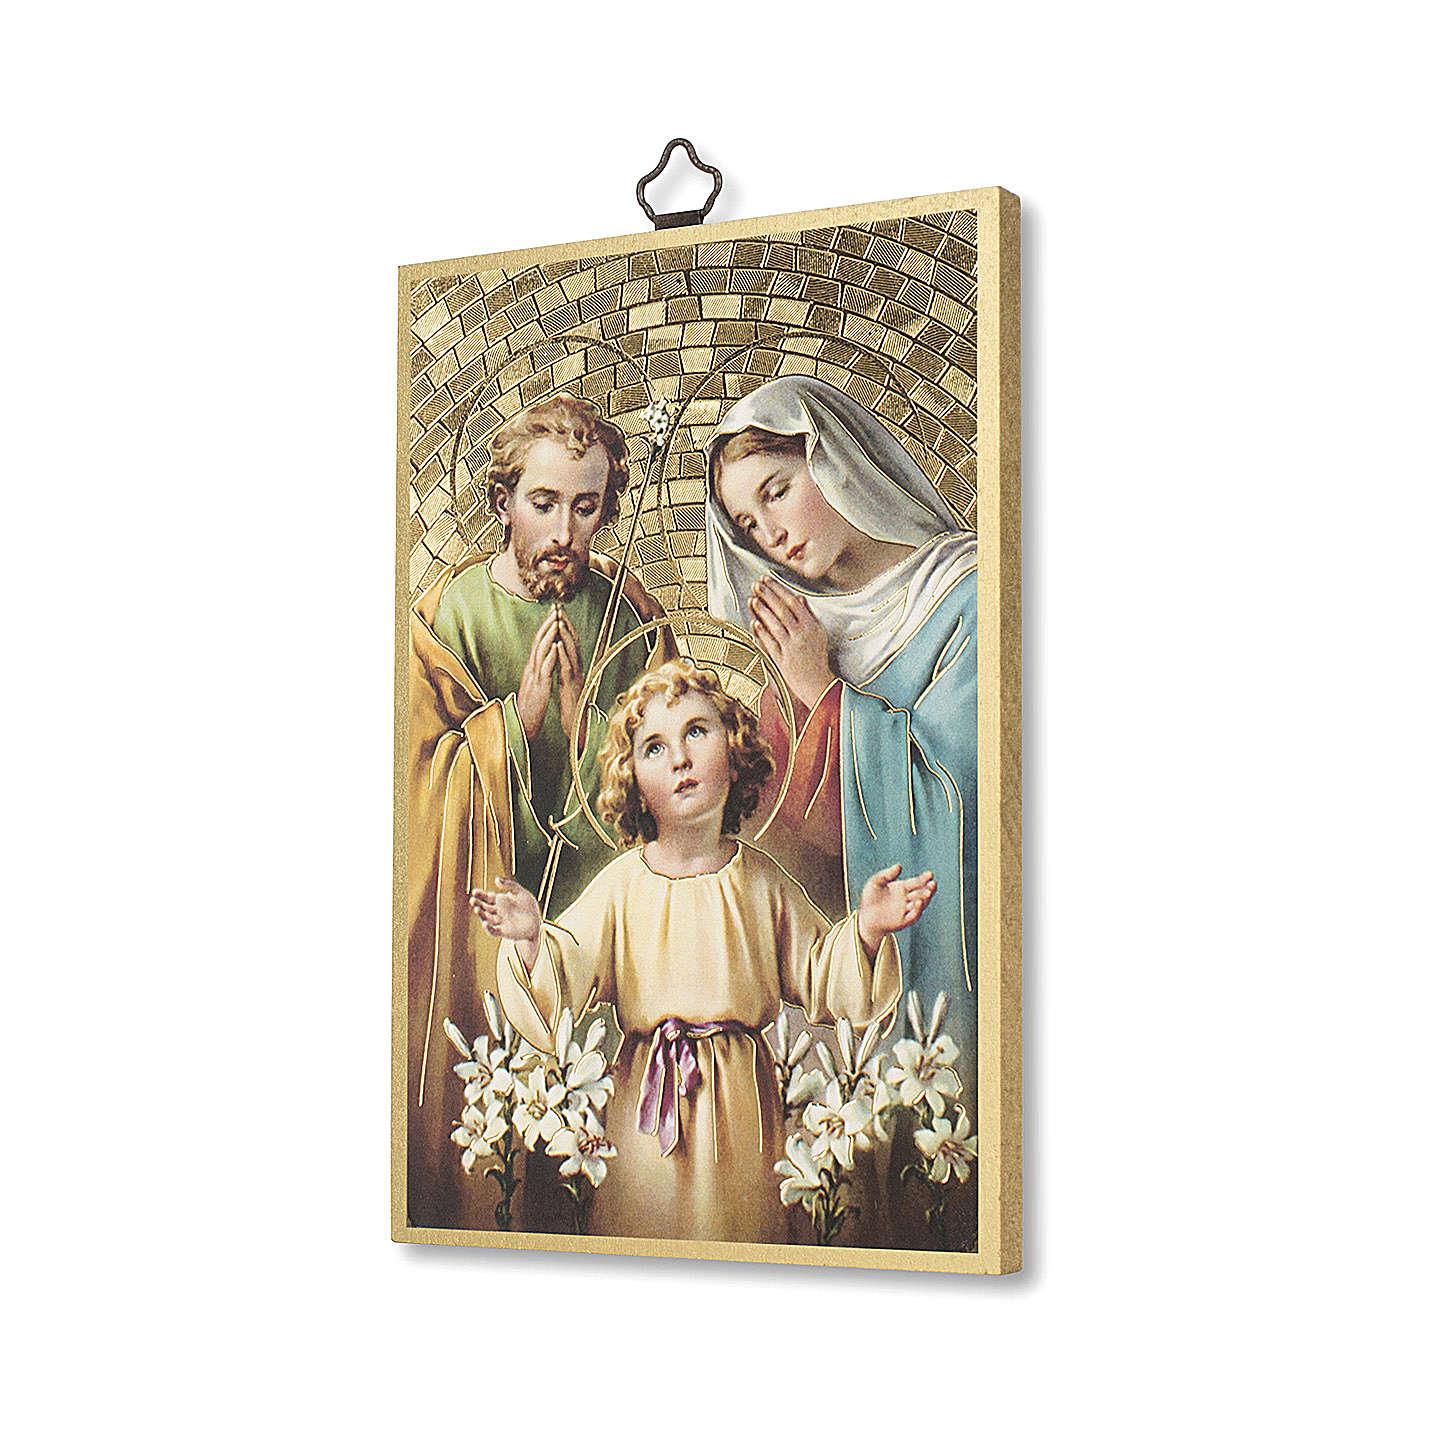 Stampa su legno Sacra Famiglia Preghiera per la Famiglia ITA 3